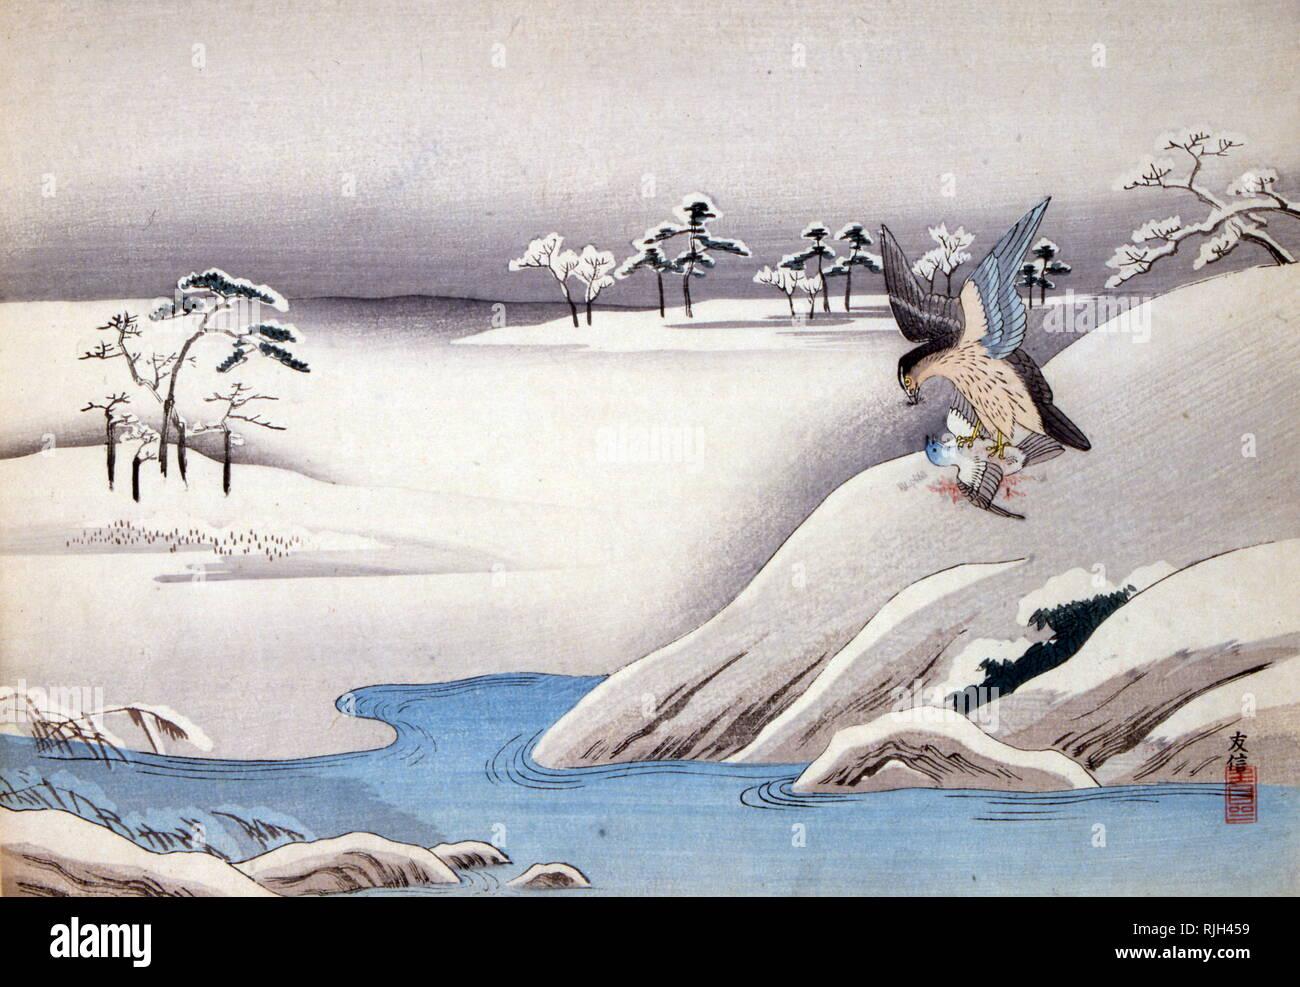 Illustration japonaise d'une fable de Jean-Pierre Claris de Florian (1755 - 1794), poète et écrivain romantique Banque D'Images